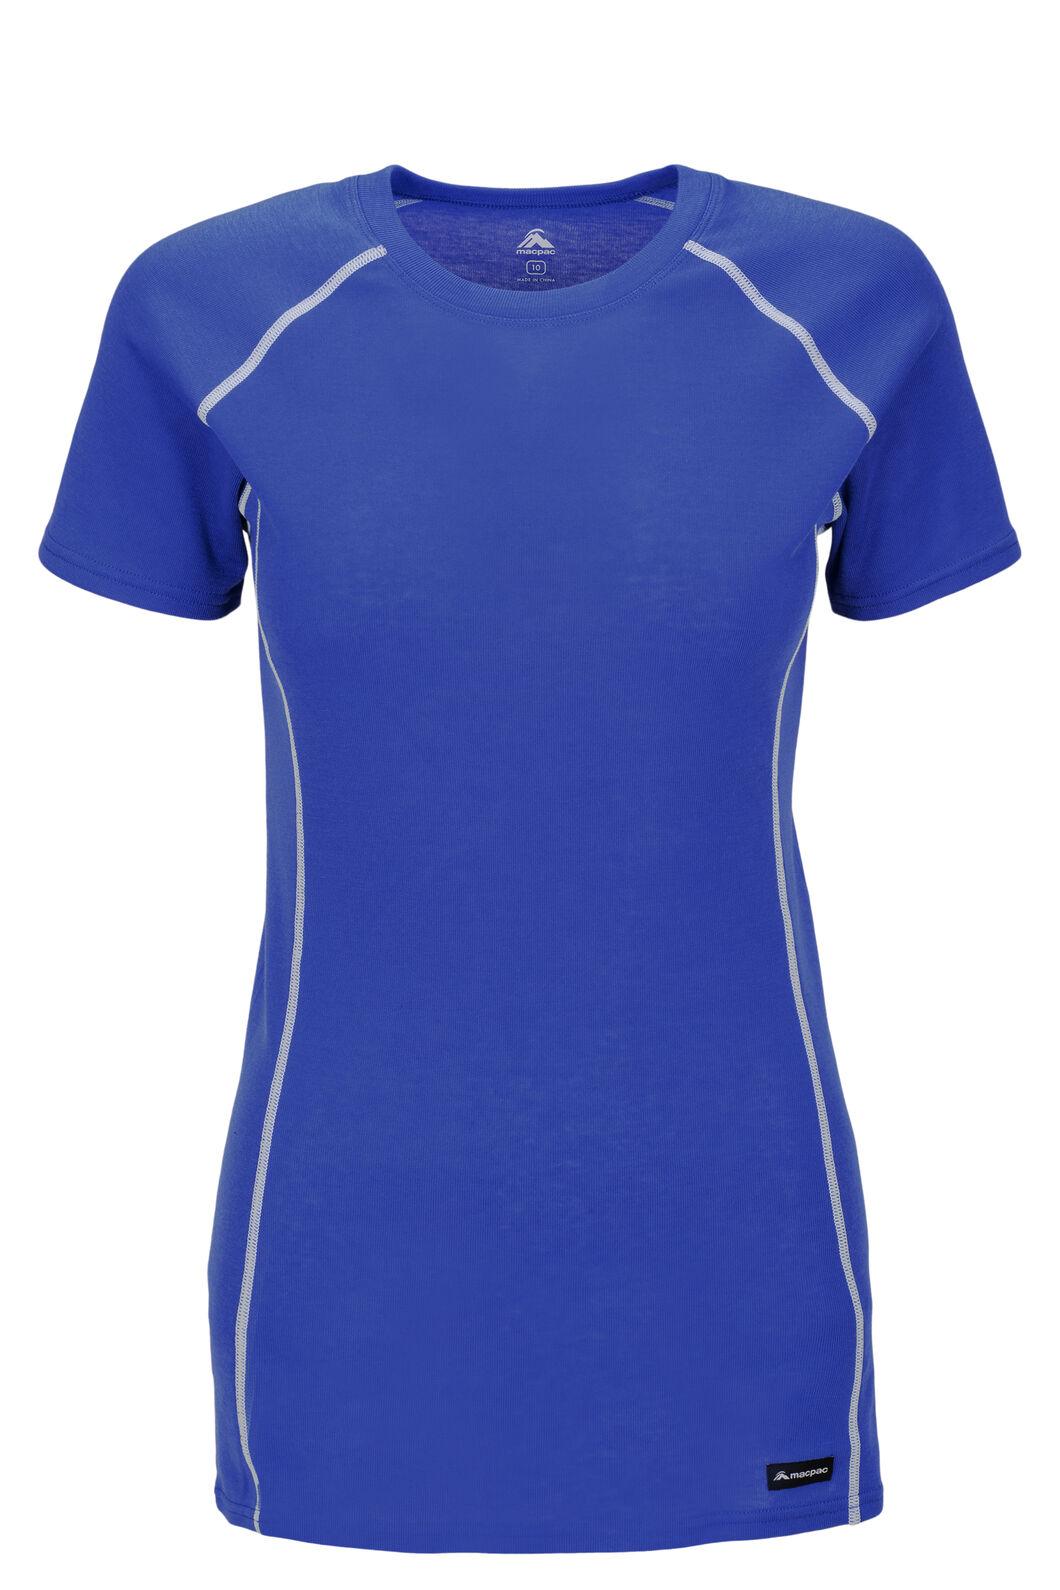 Macpac Women's Geothermal Short Sleeve Tee, Dazzling Blue, hi-res